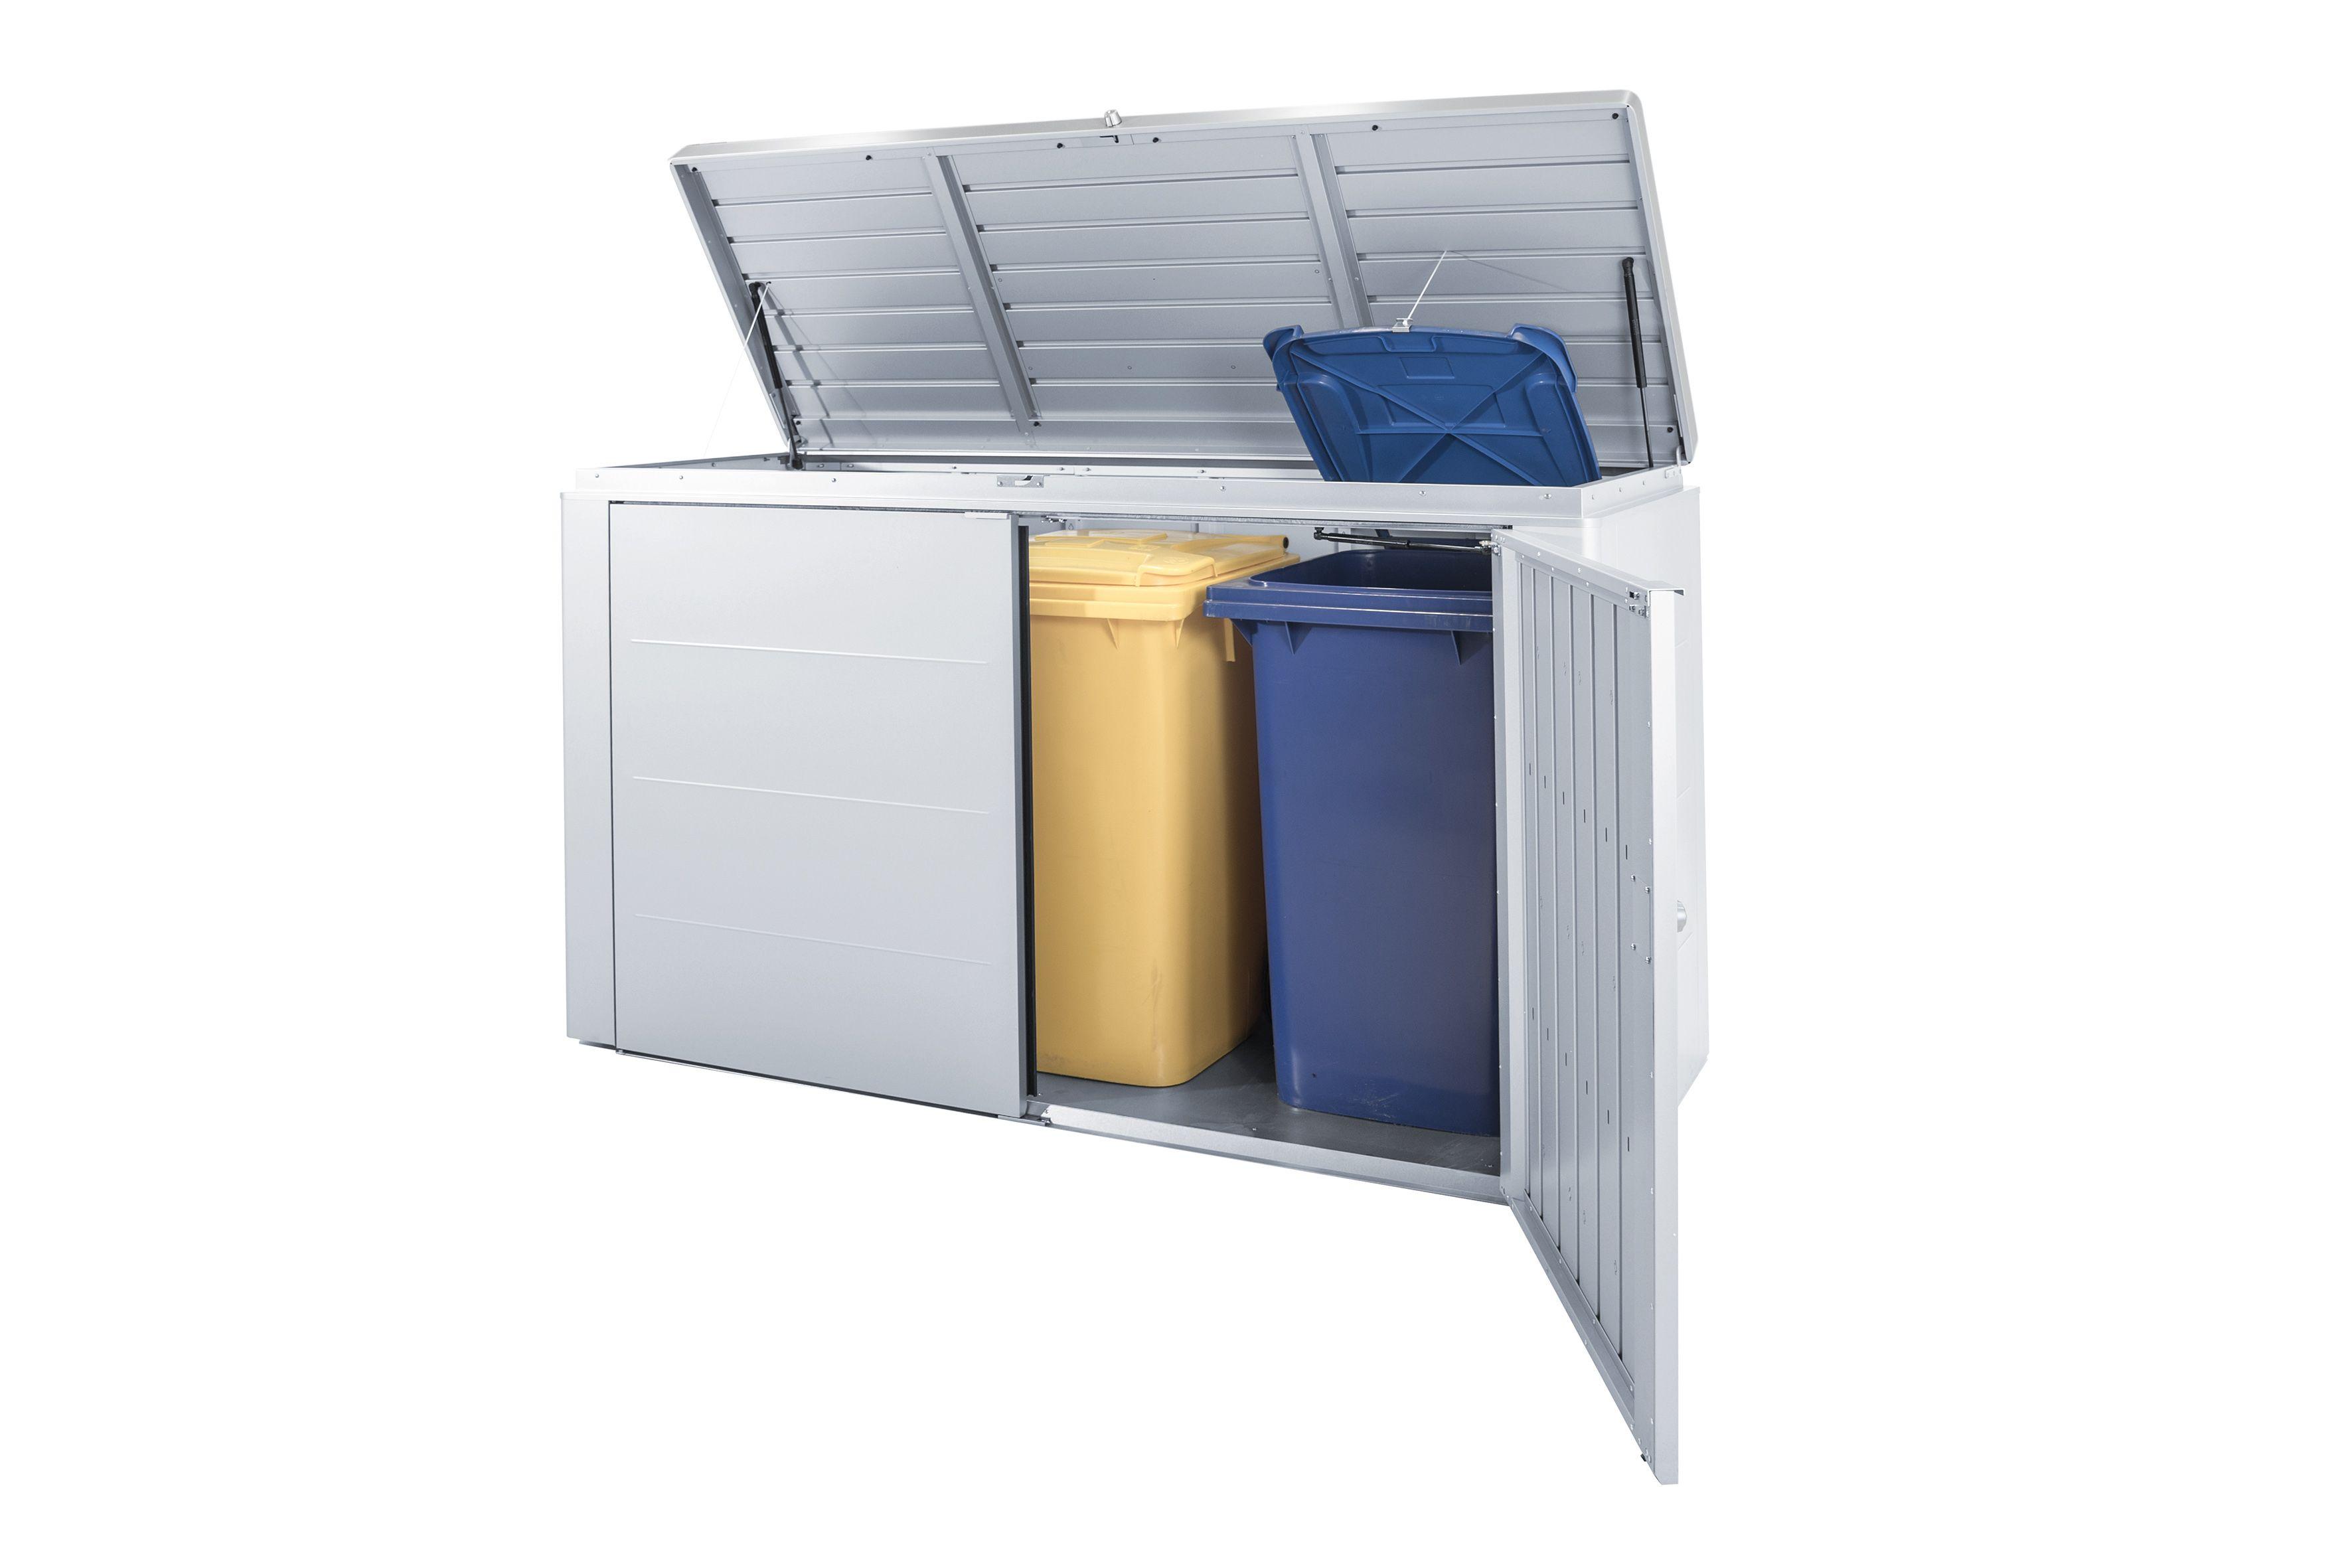 Mülltonnenbox: im HighBoard 200 können bis zu 3 Stk. 240l Mülltonnen untergebracht werden.